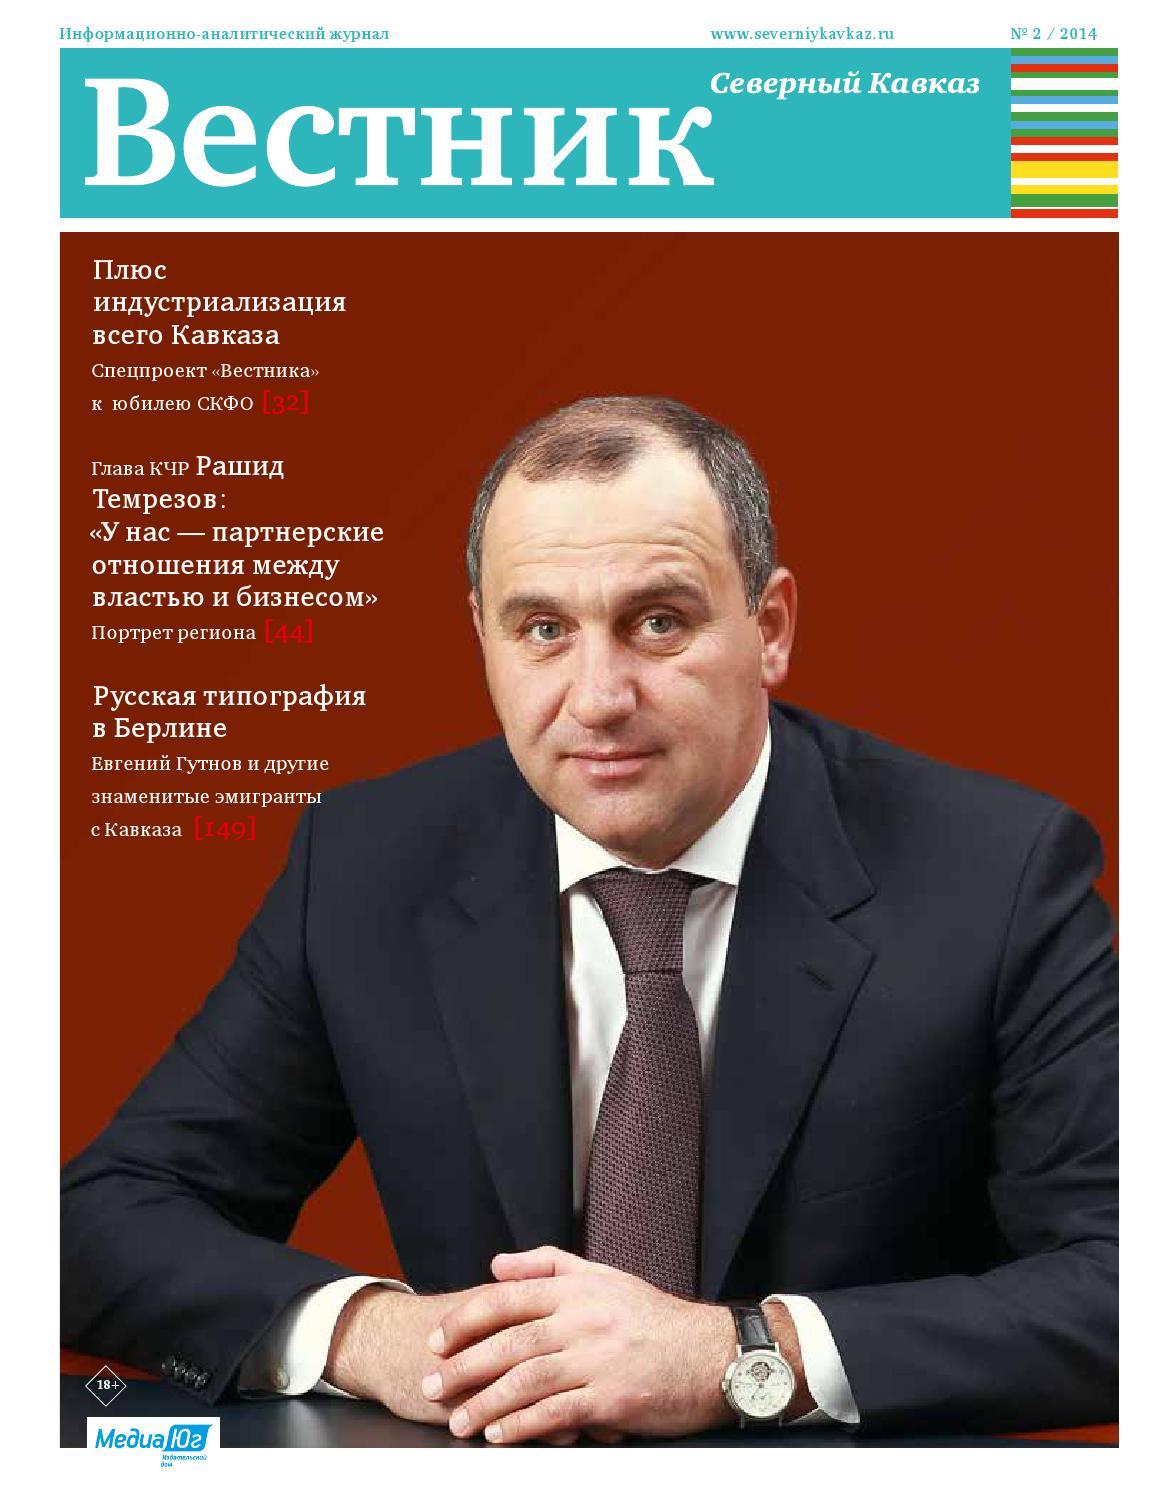 Vestnik Severniy Kavkaz  2-2014 by EuroMedia - issuu d0610a21fc7